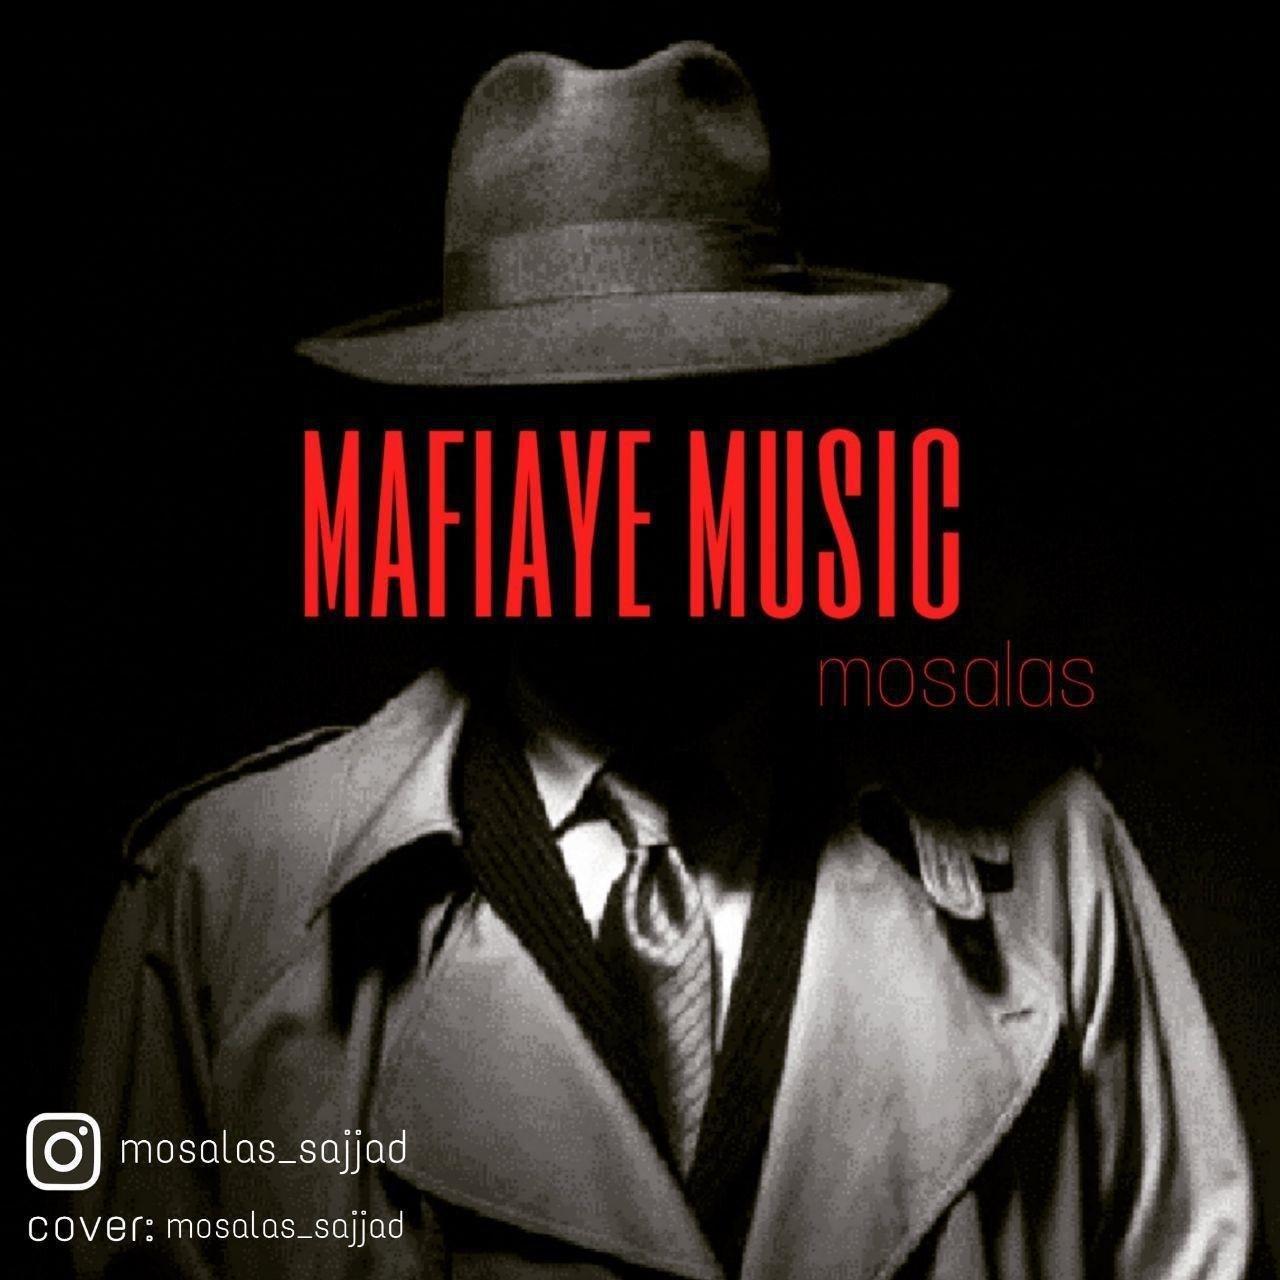 Mosalas (Sajjad) – Mafiaye Music